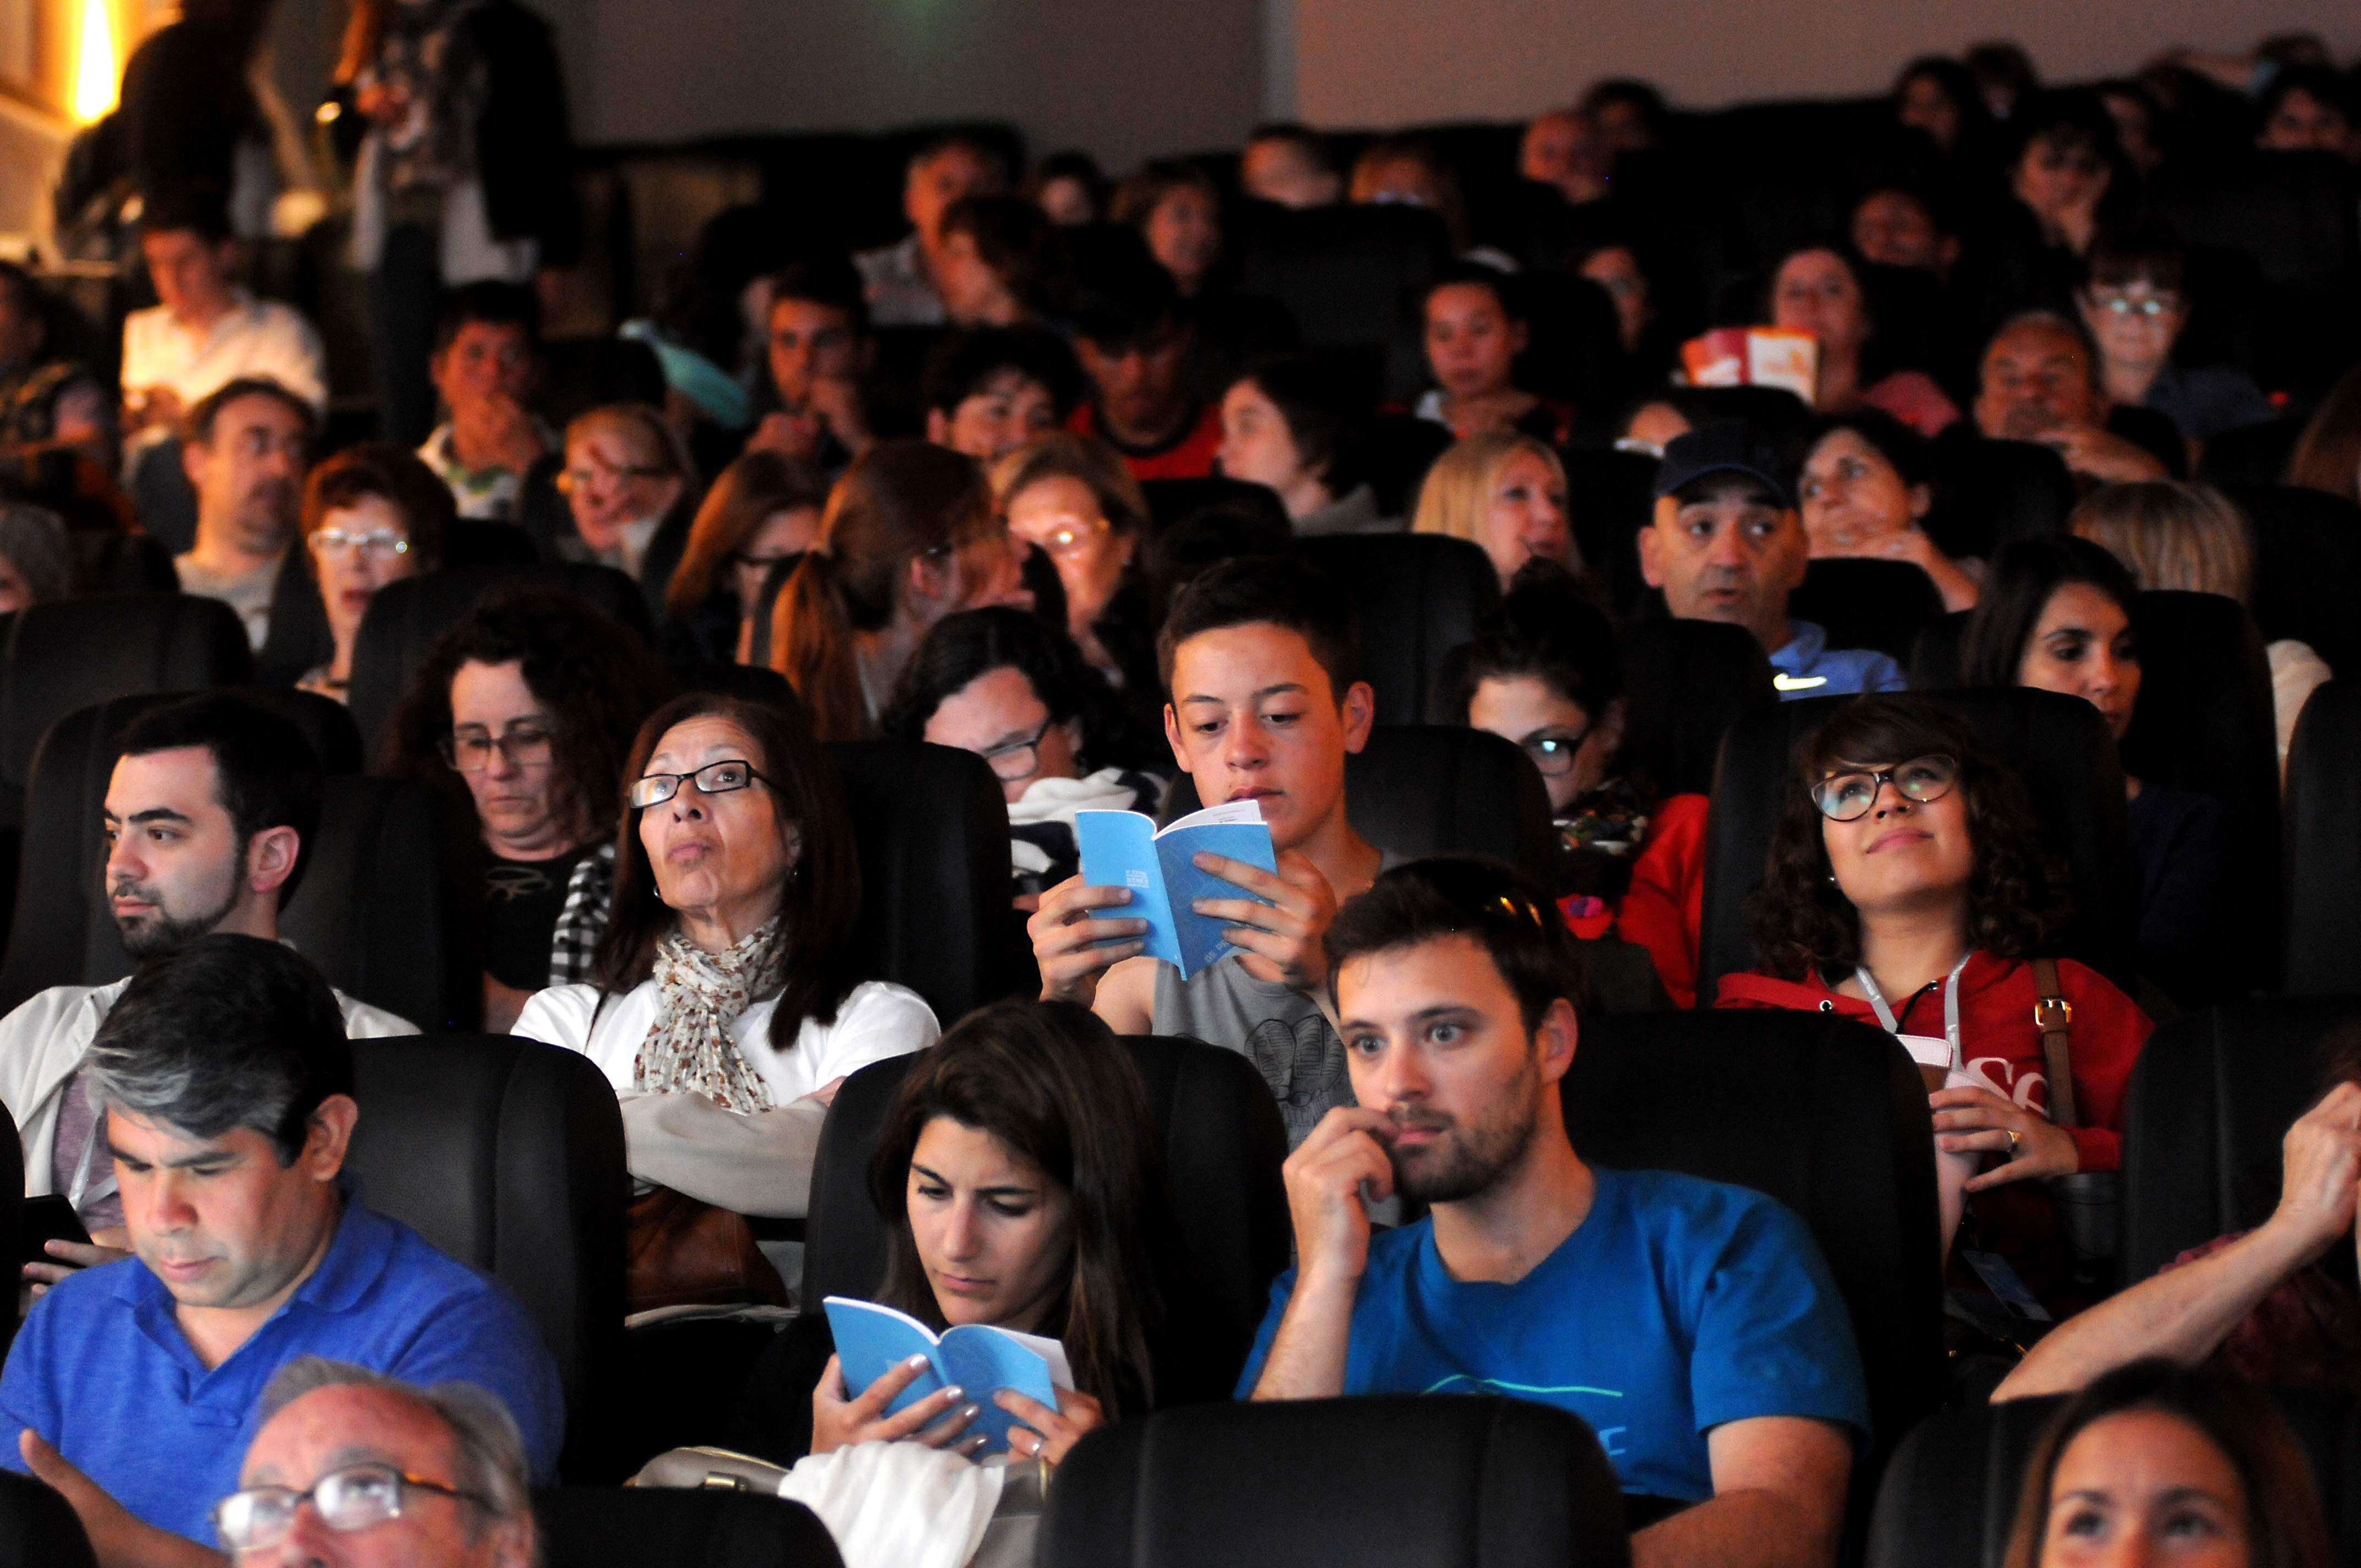 Las salas llenas a toda hora. El Festival es una fiesta del cine que Mar del Plata apoya con fuerza.